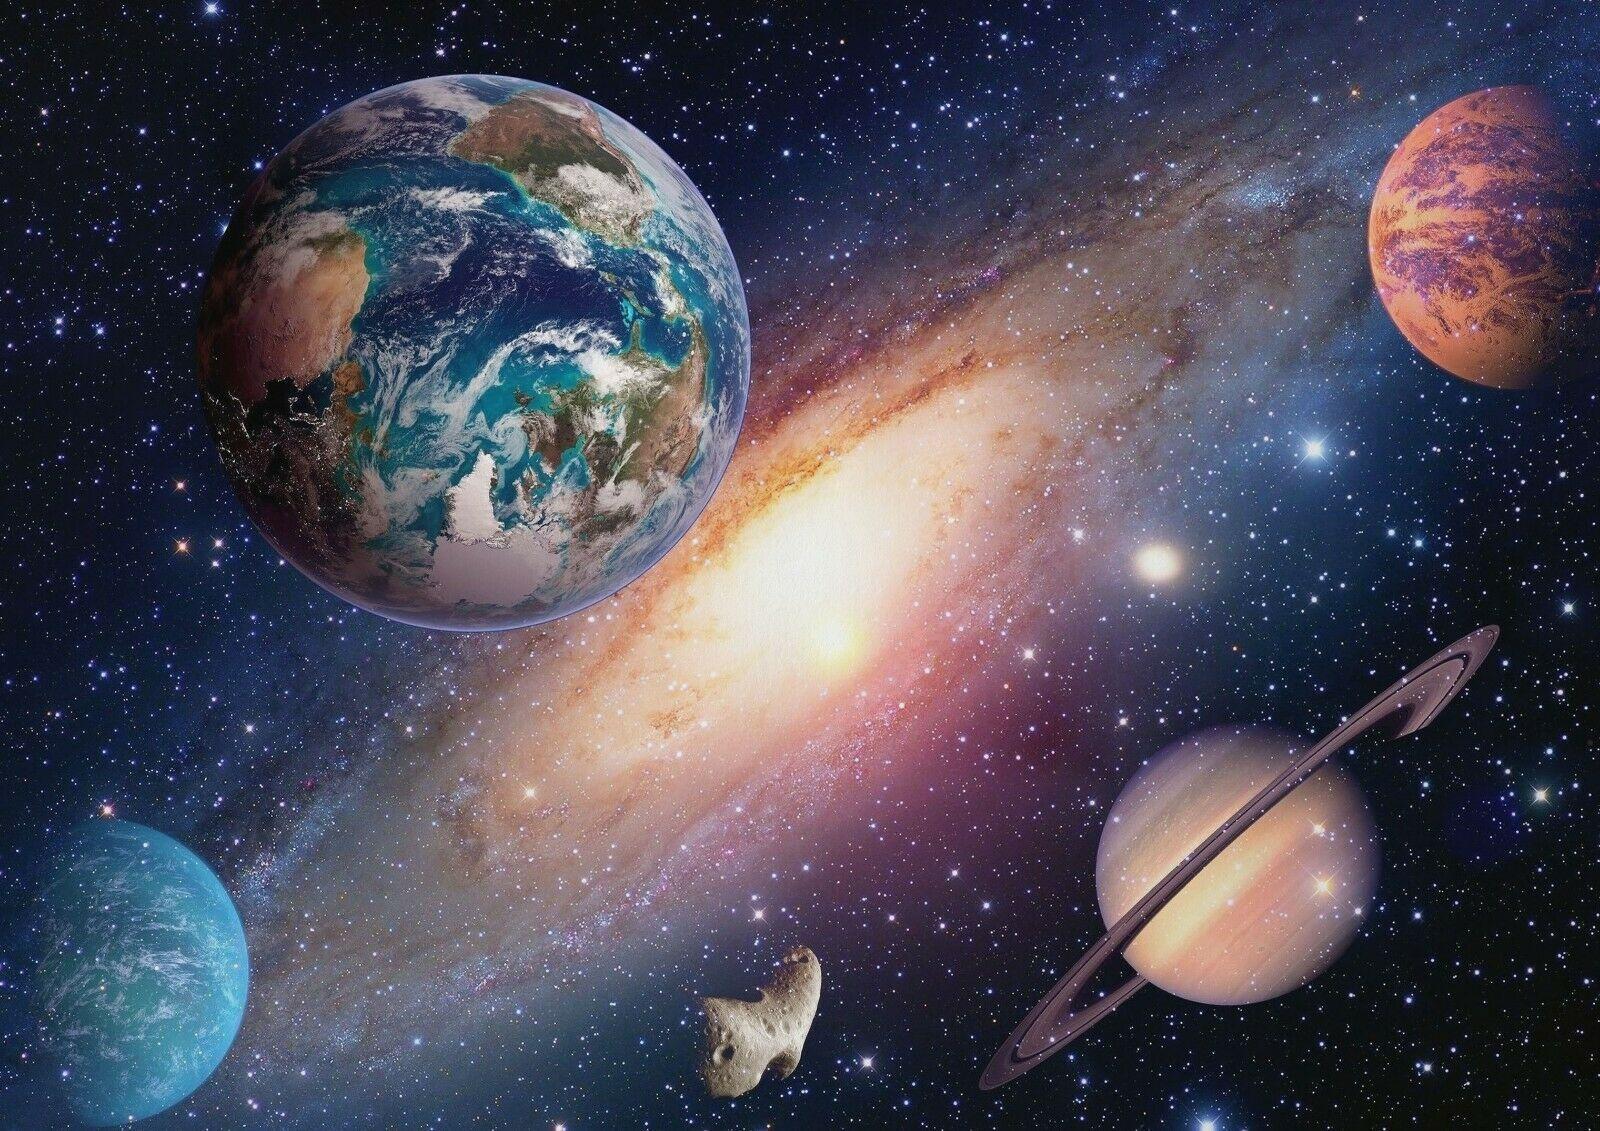 N2864 Sistema Solar espacio Cosmos pegatina de pared seda póster de tela arte decoración interior brillante